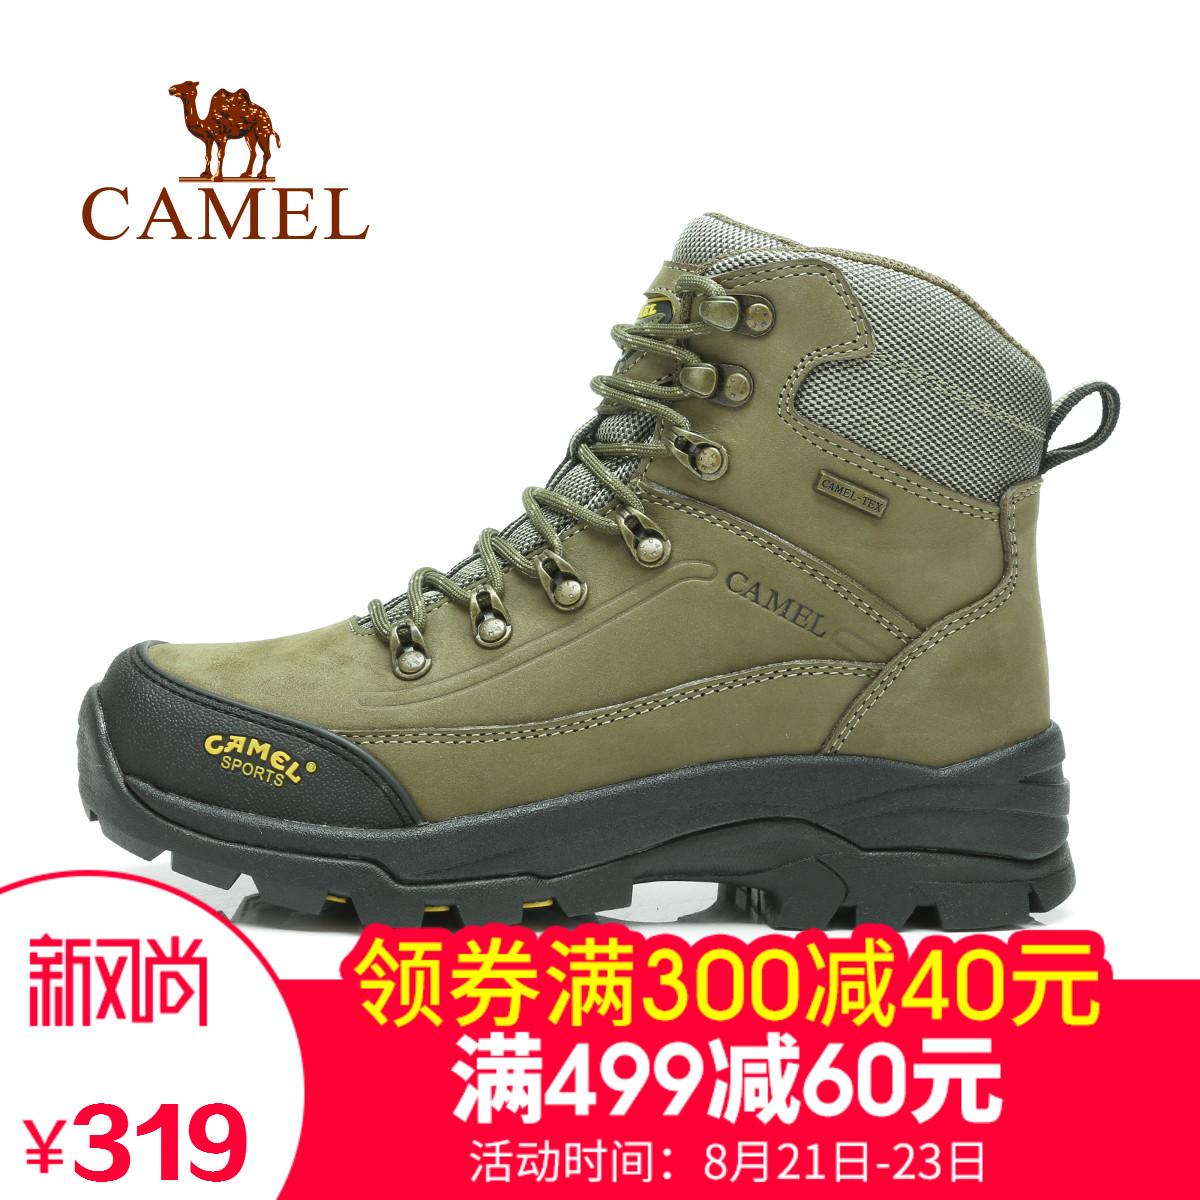 骆驼户外高帮登山鞋 男女徒步鞋头层牛皮防水户外鞋